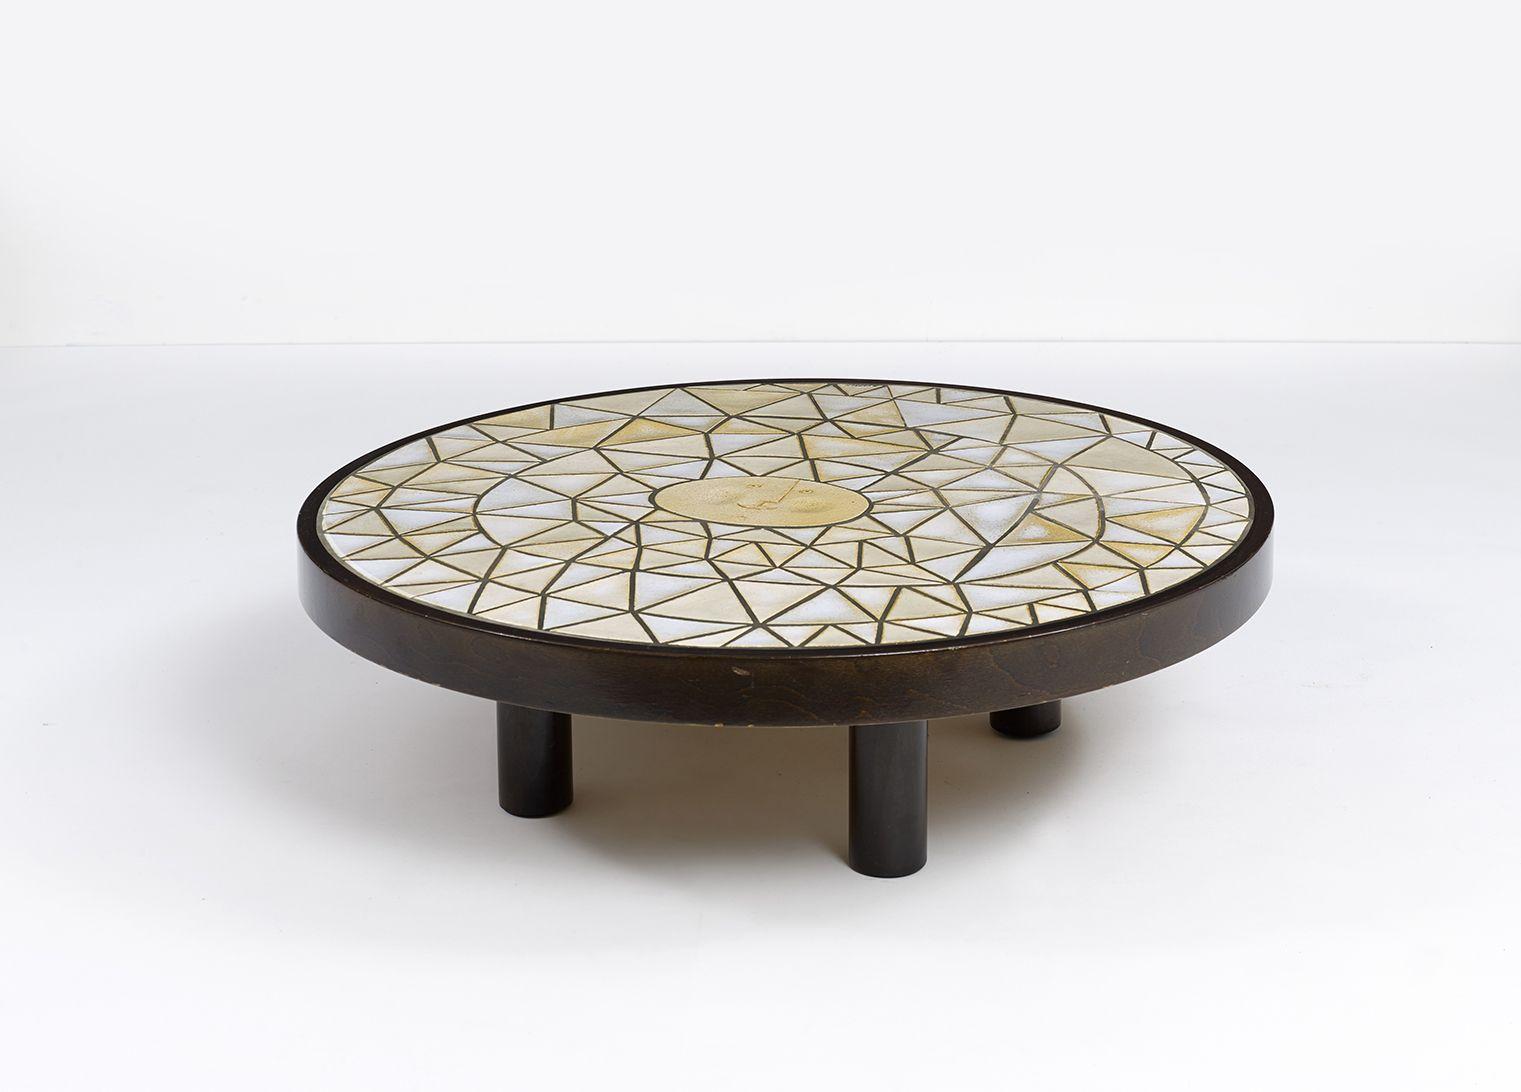 Roger Capron Table Basse Plateau En Carreaux De Ceramique Emaillee De Forme Triangulaire Orne D Un Visage Au Centre E Table Basse Ceramique Ceramique Emaillee